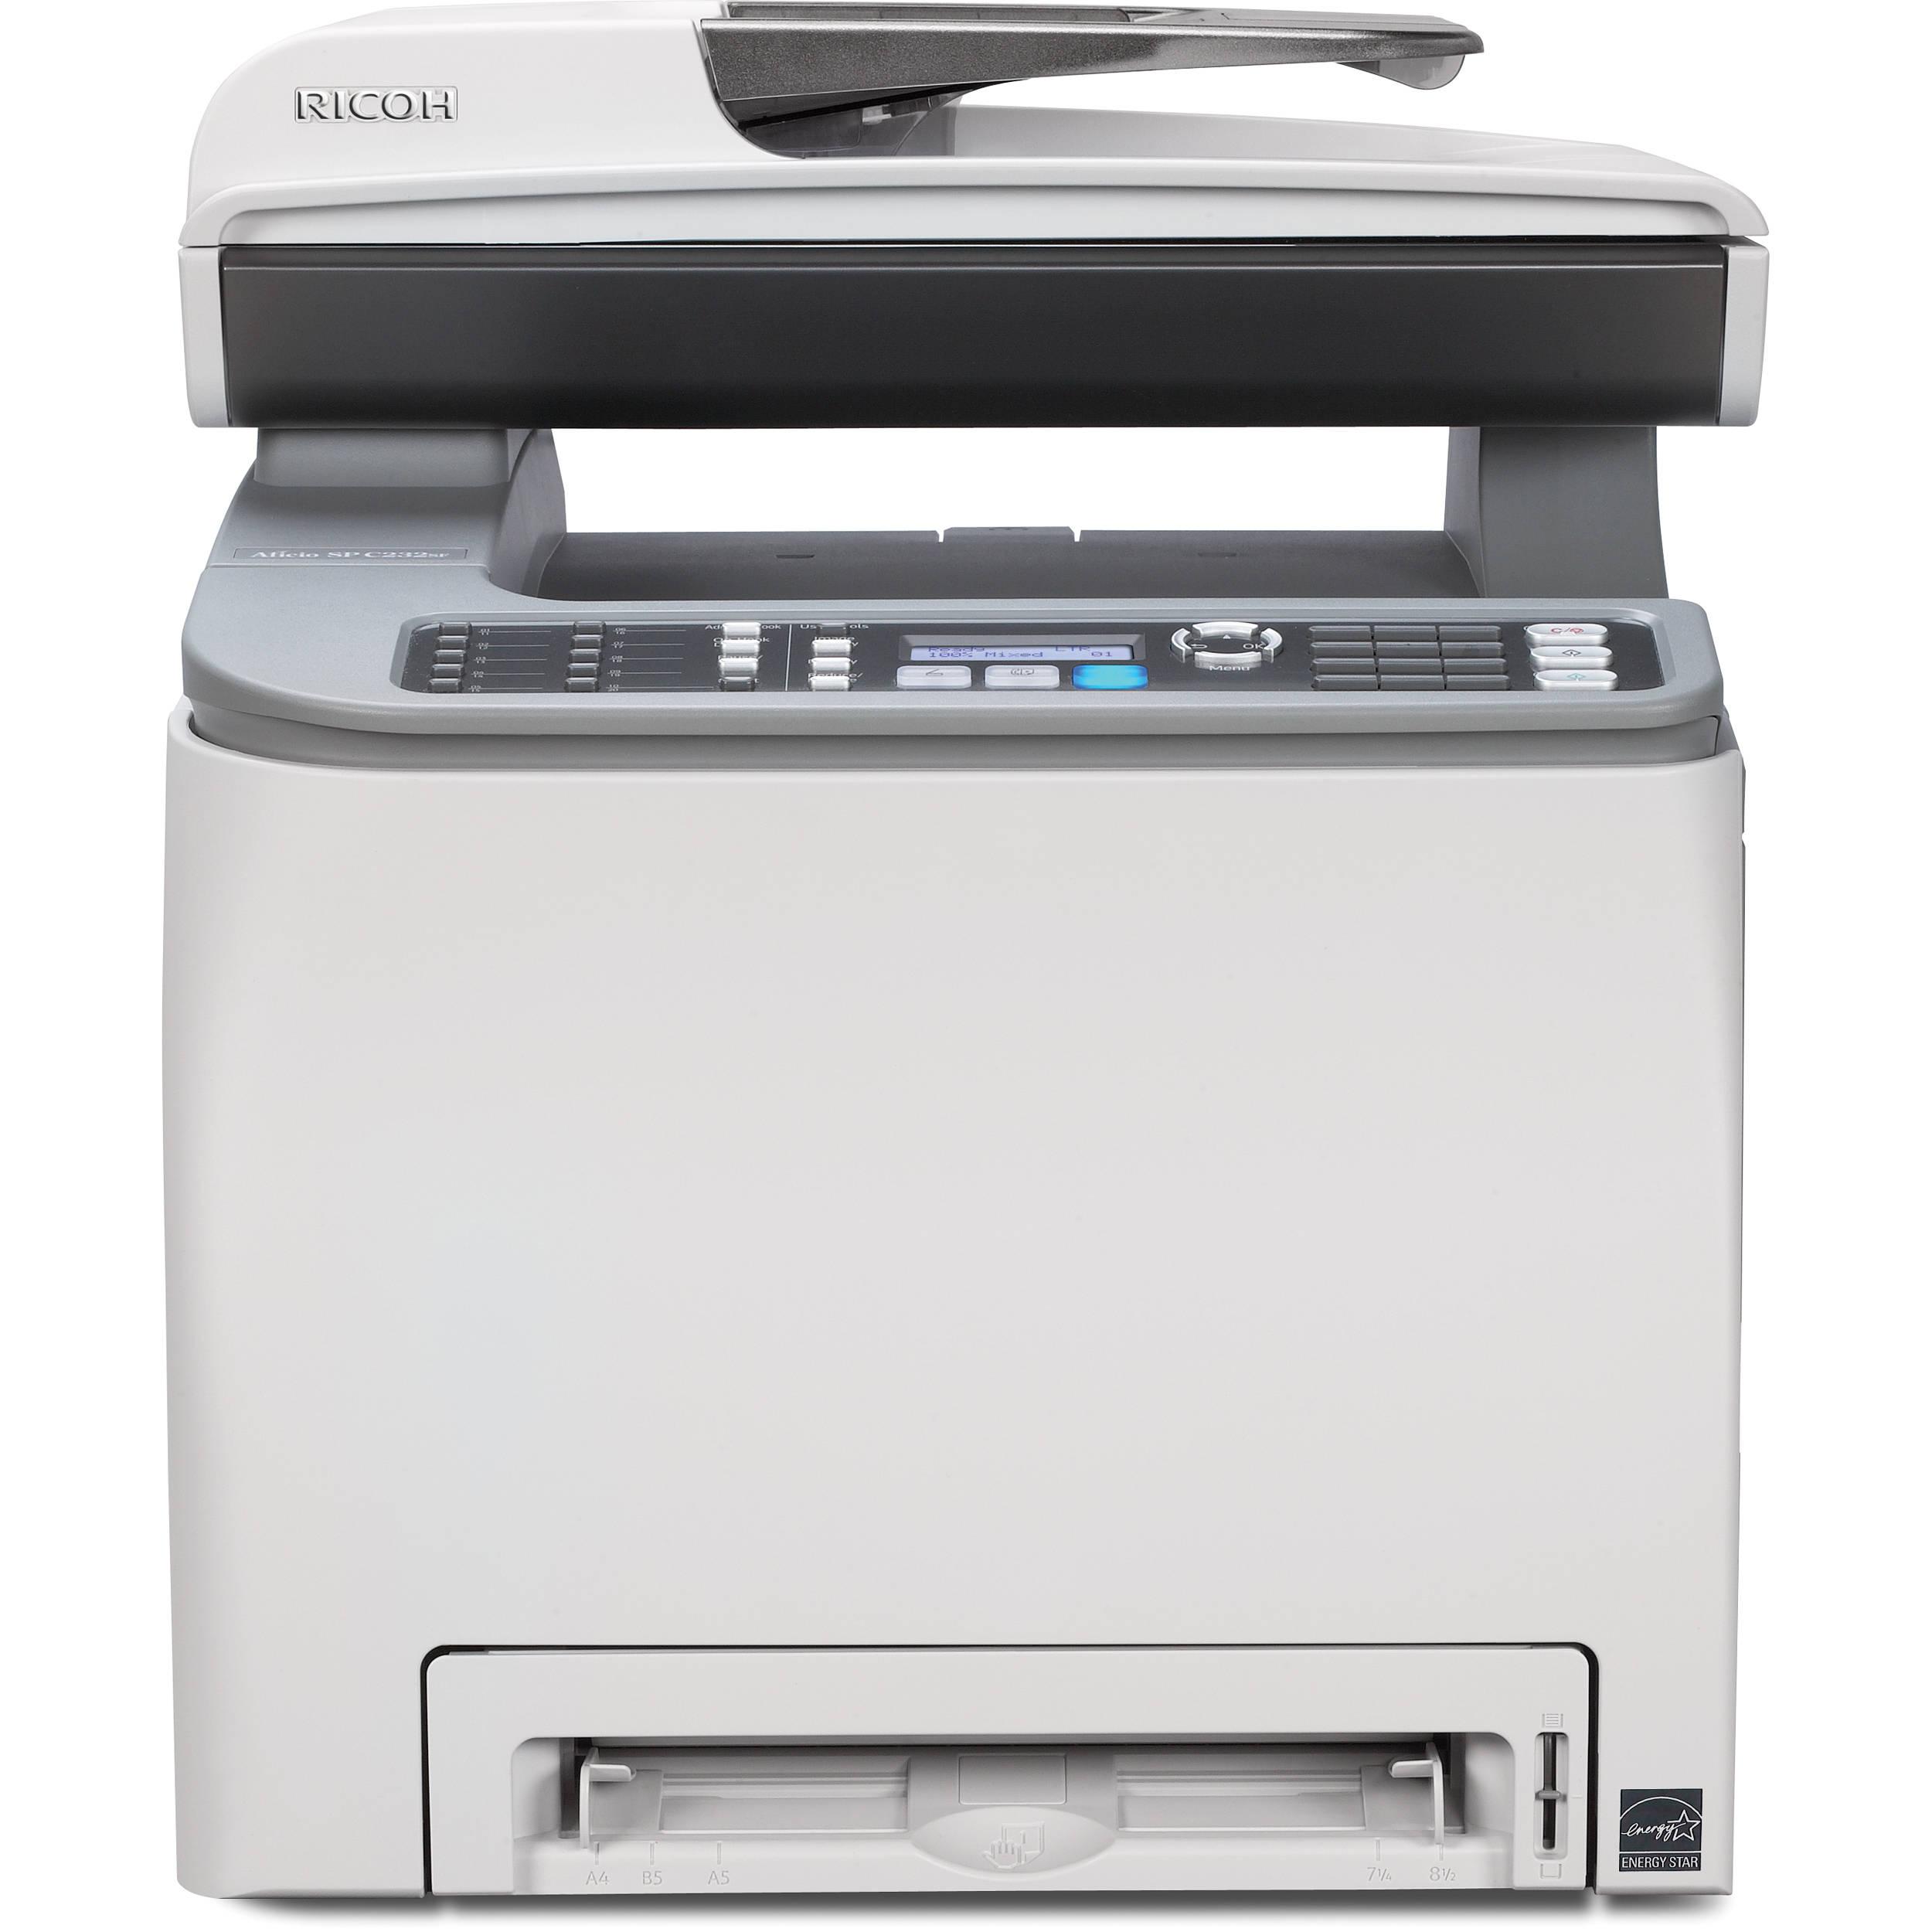 Ricoh Aficio SP C231N Printer PostScript3 Windows